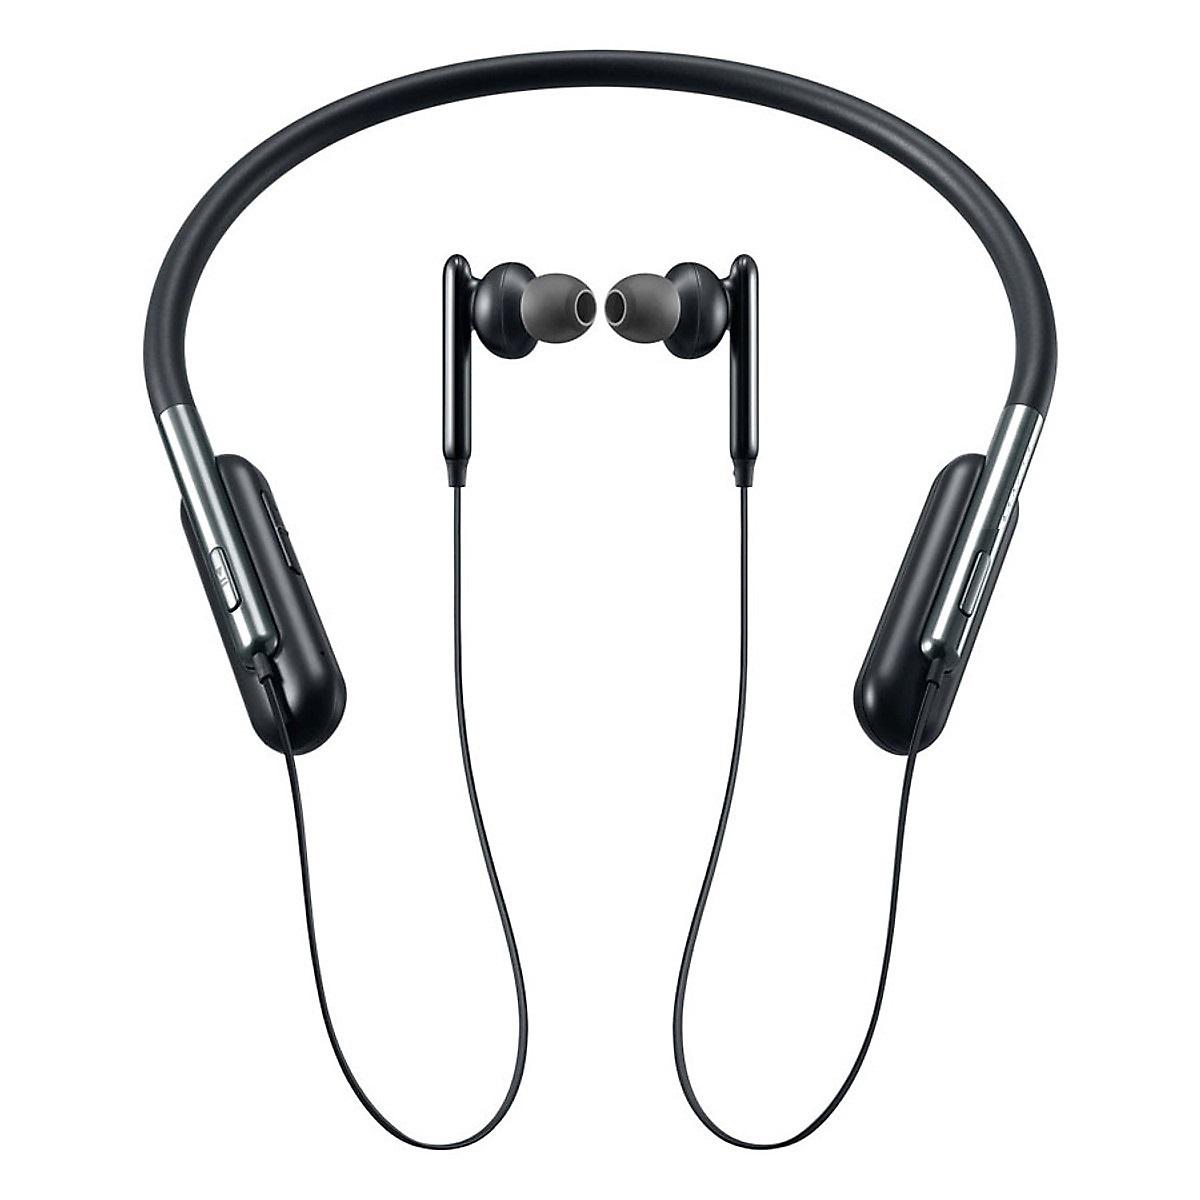 Tai Nghe Thể Thao Quàng Cổ Chống Nước Headphone EO-BG950 Full Box Nguyên Seal